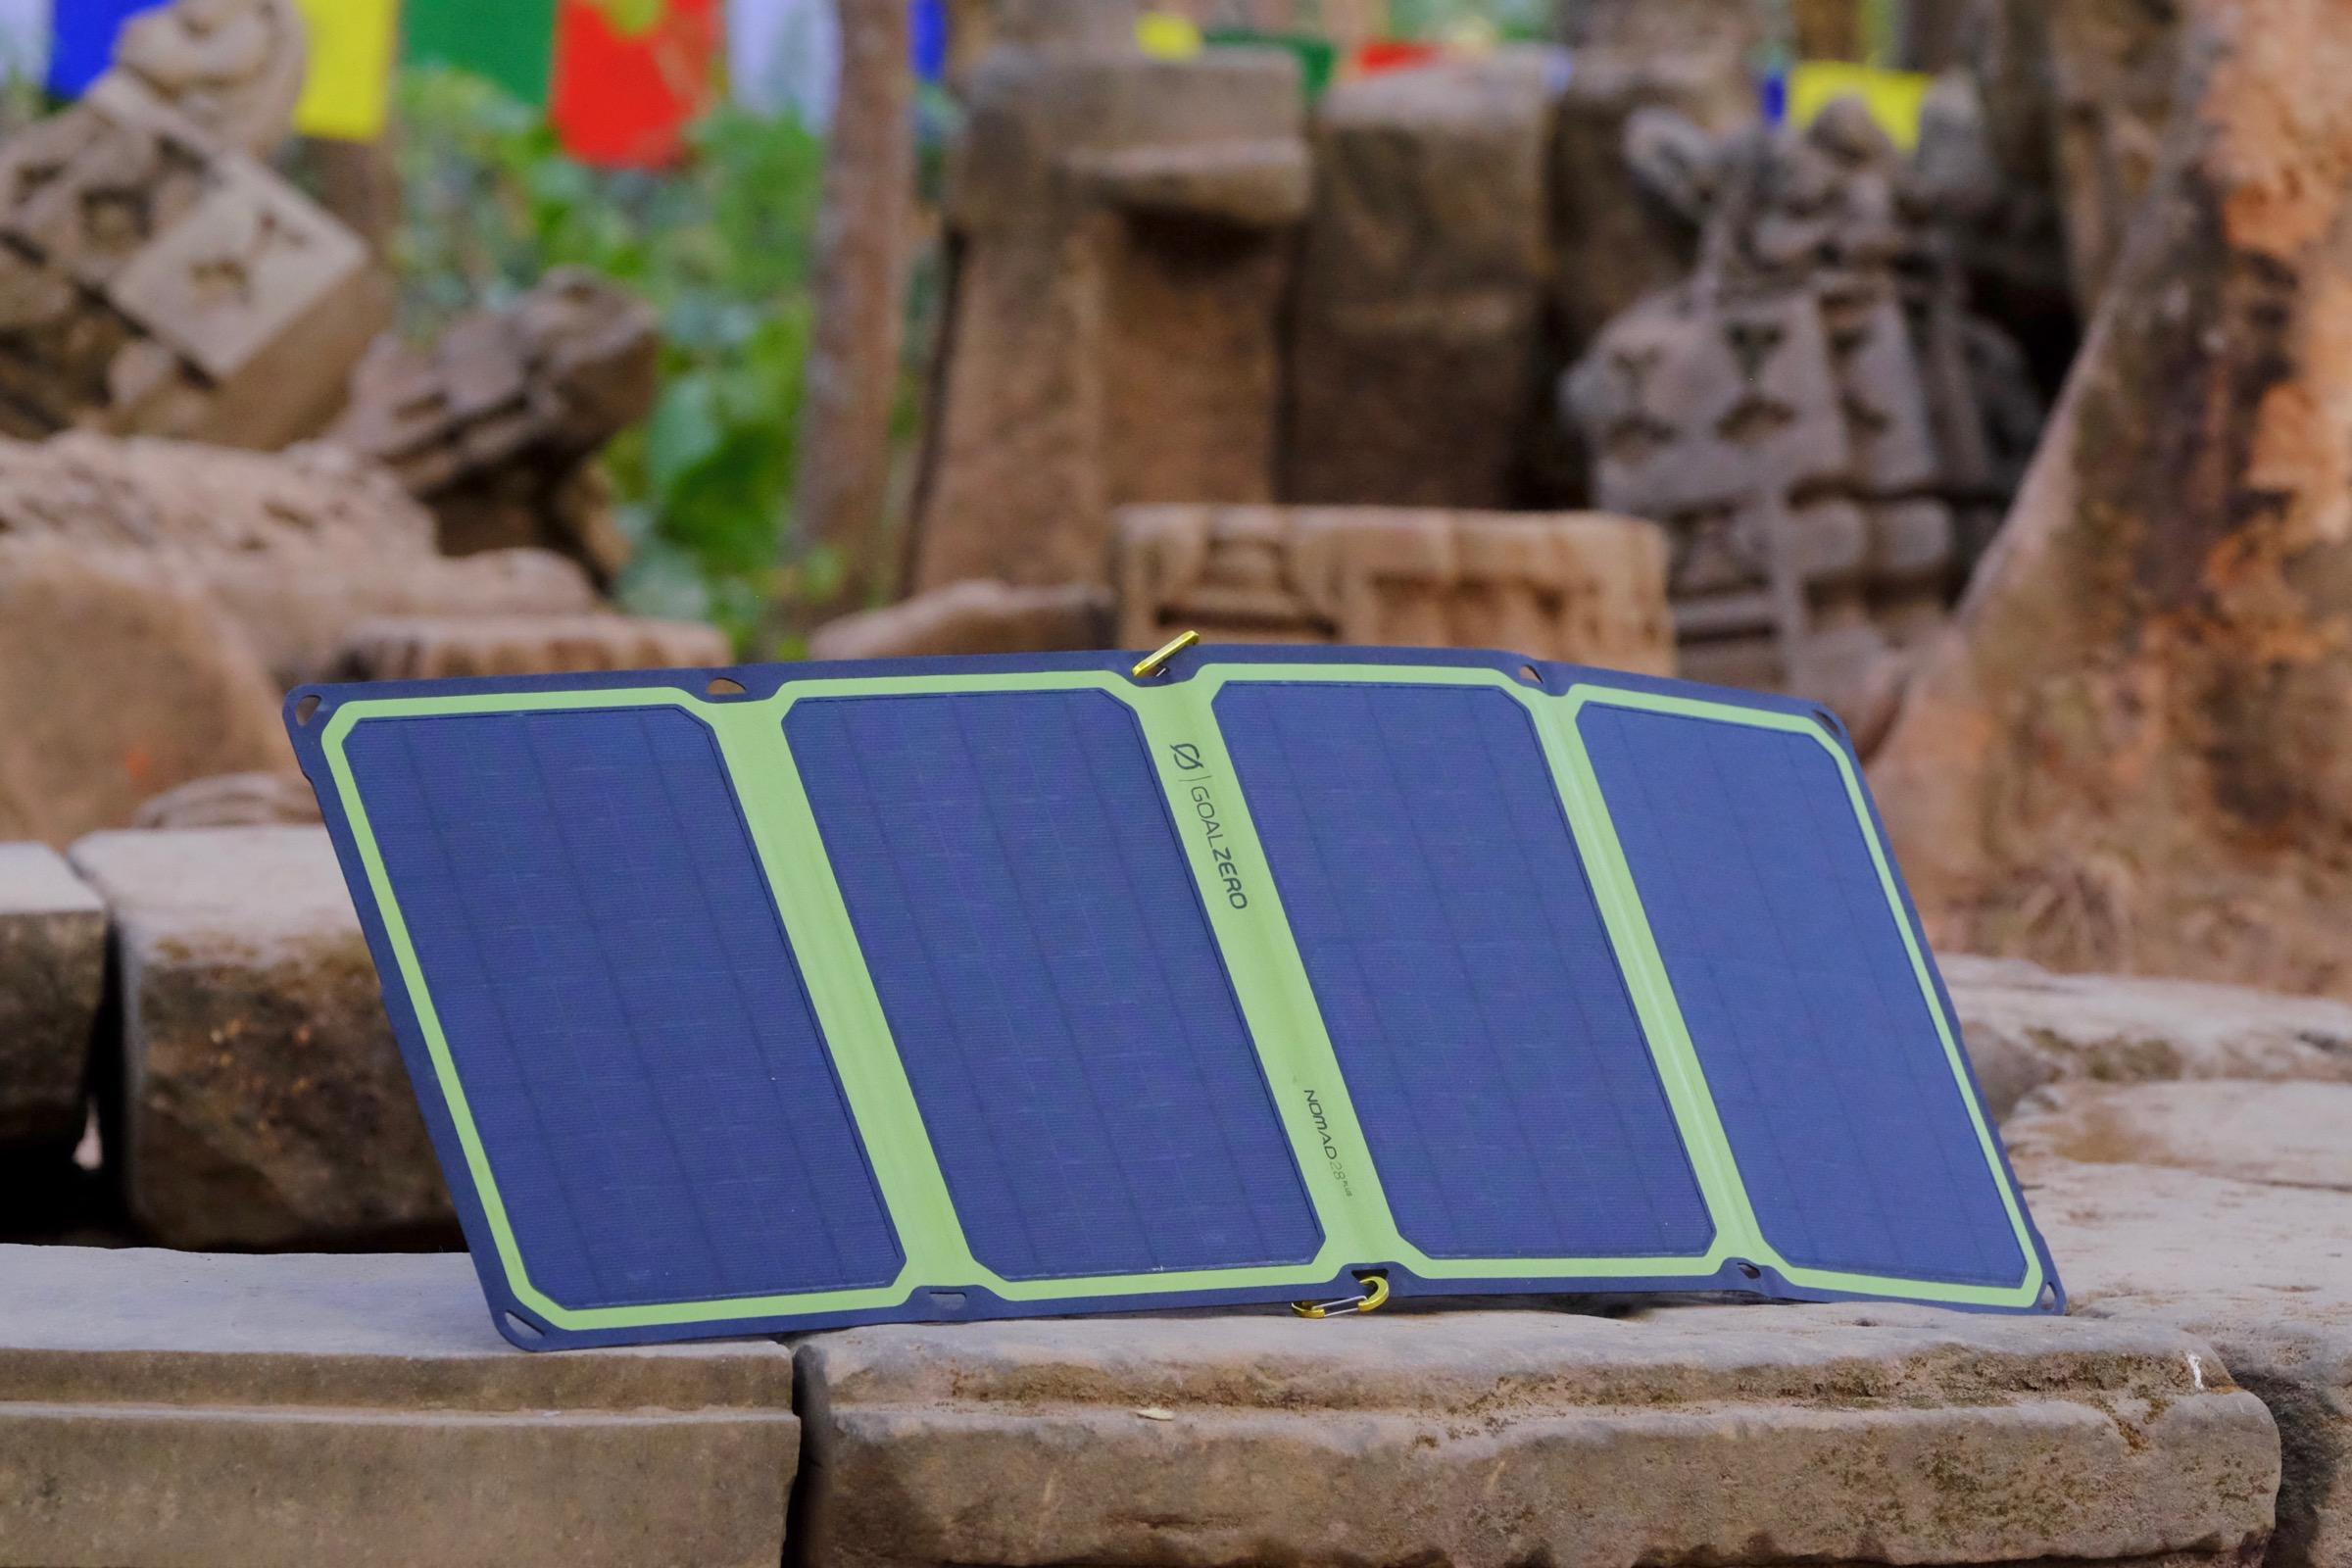 Travel Tested: Goal Zero Sherpa 100AC & Nomad 28 Plus Solar Kit